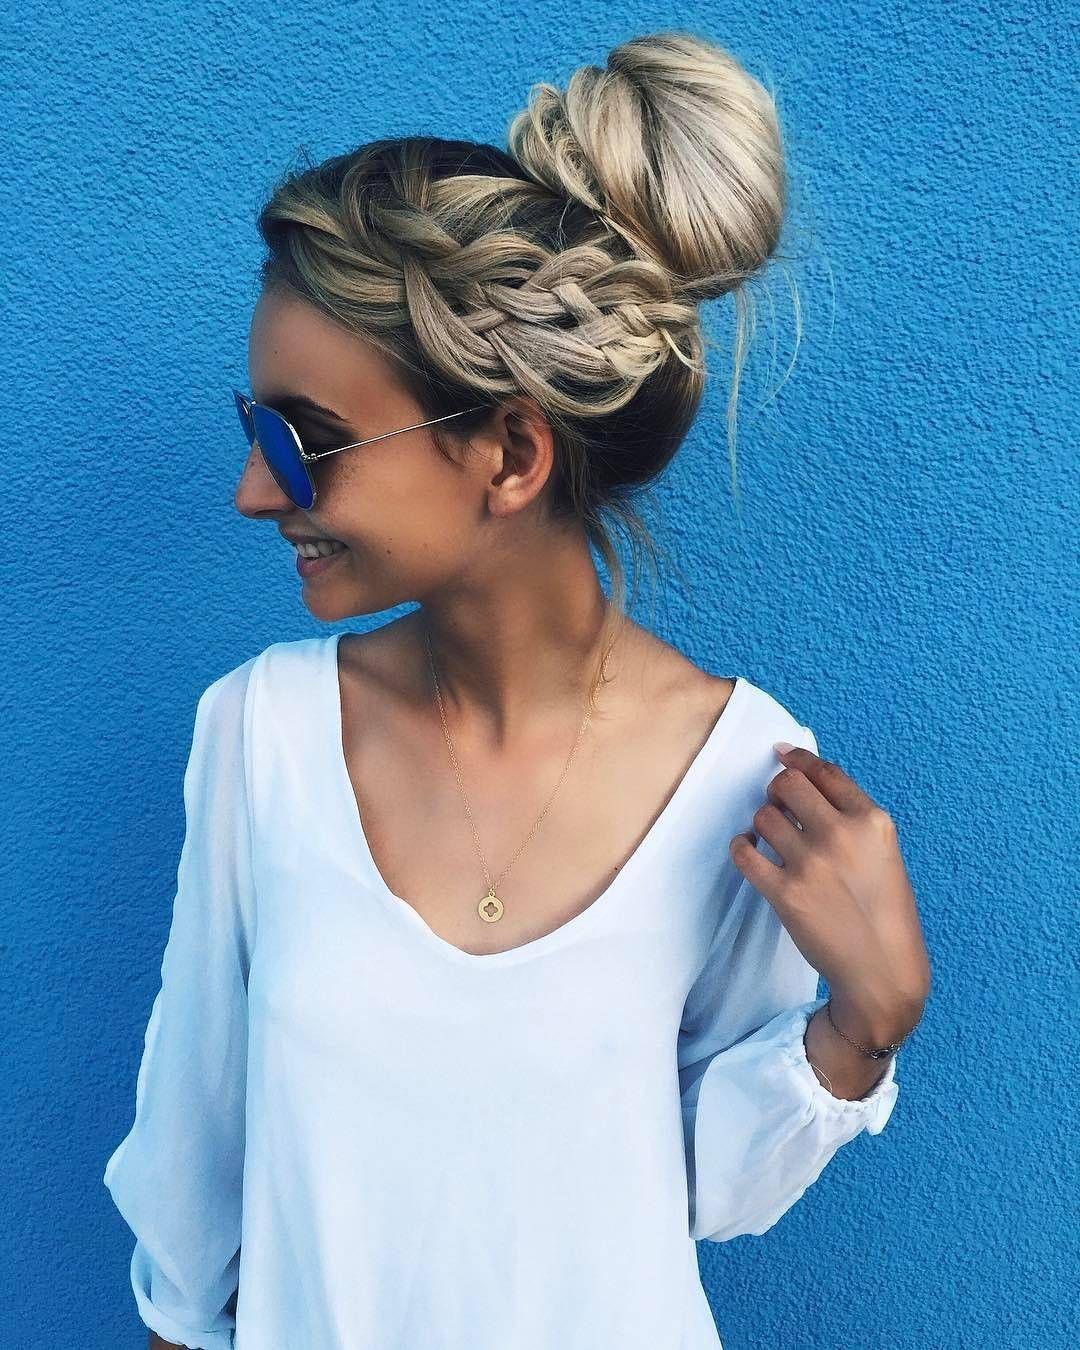 Capelli 10 Hairstyle Che Puoi Portare Dalla Spiaggia Al Party